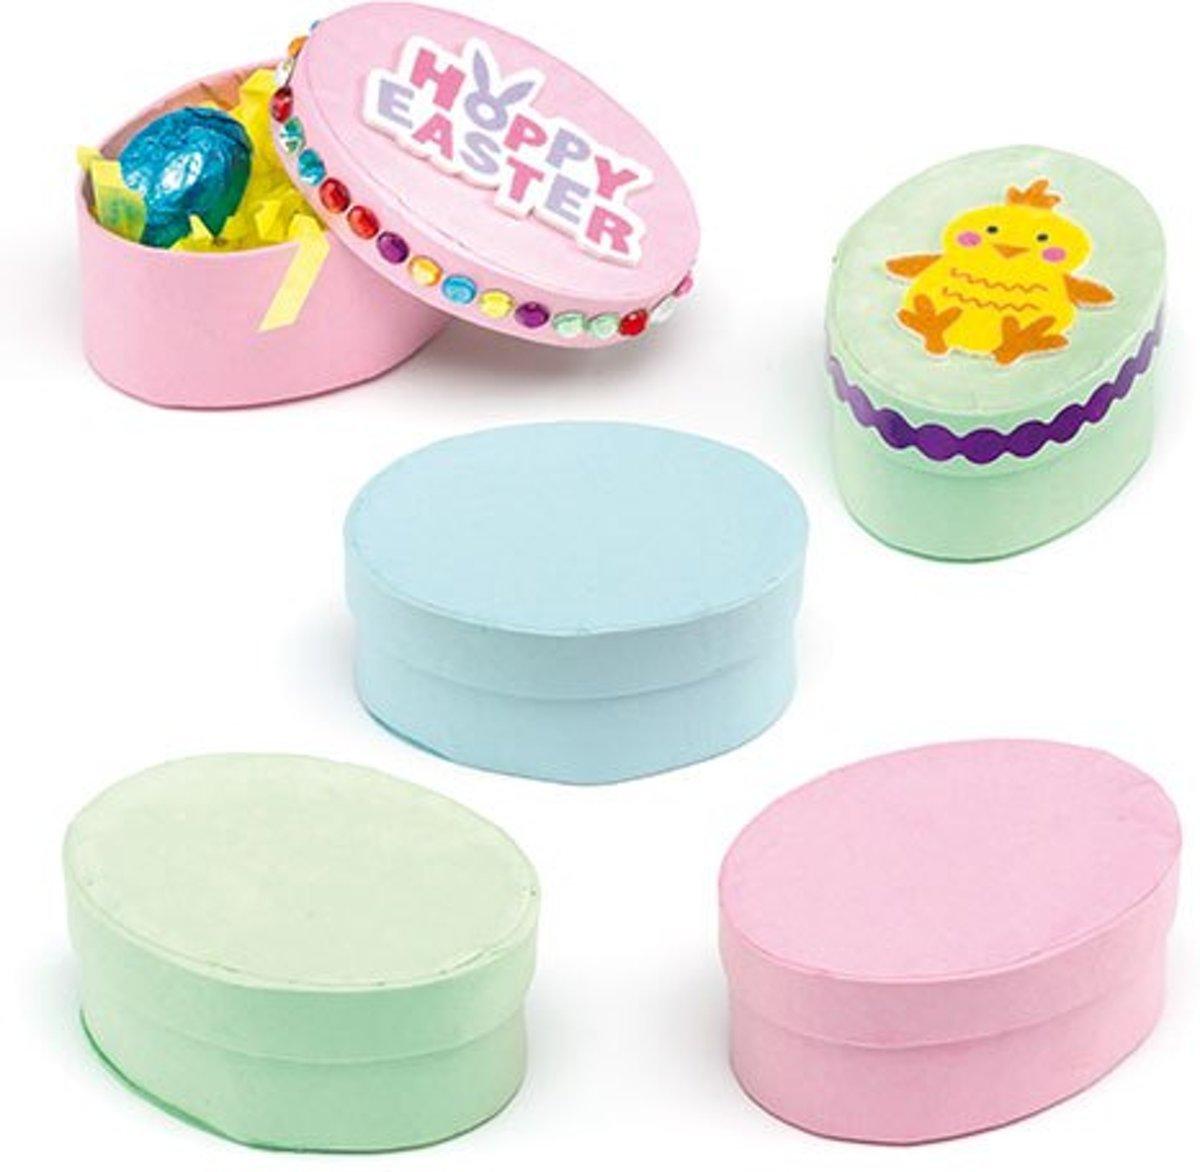 Ovale pastelkleurige knutseldoosjes  (6 stuks per verpakking) kopen